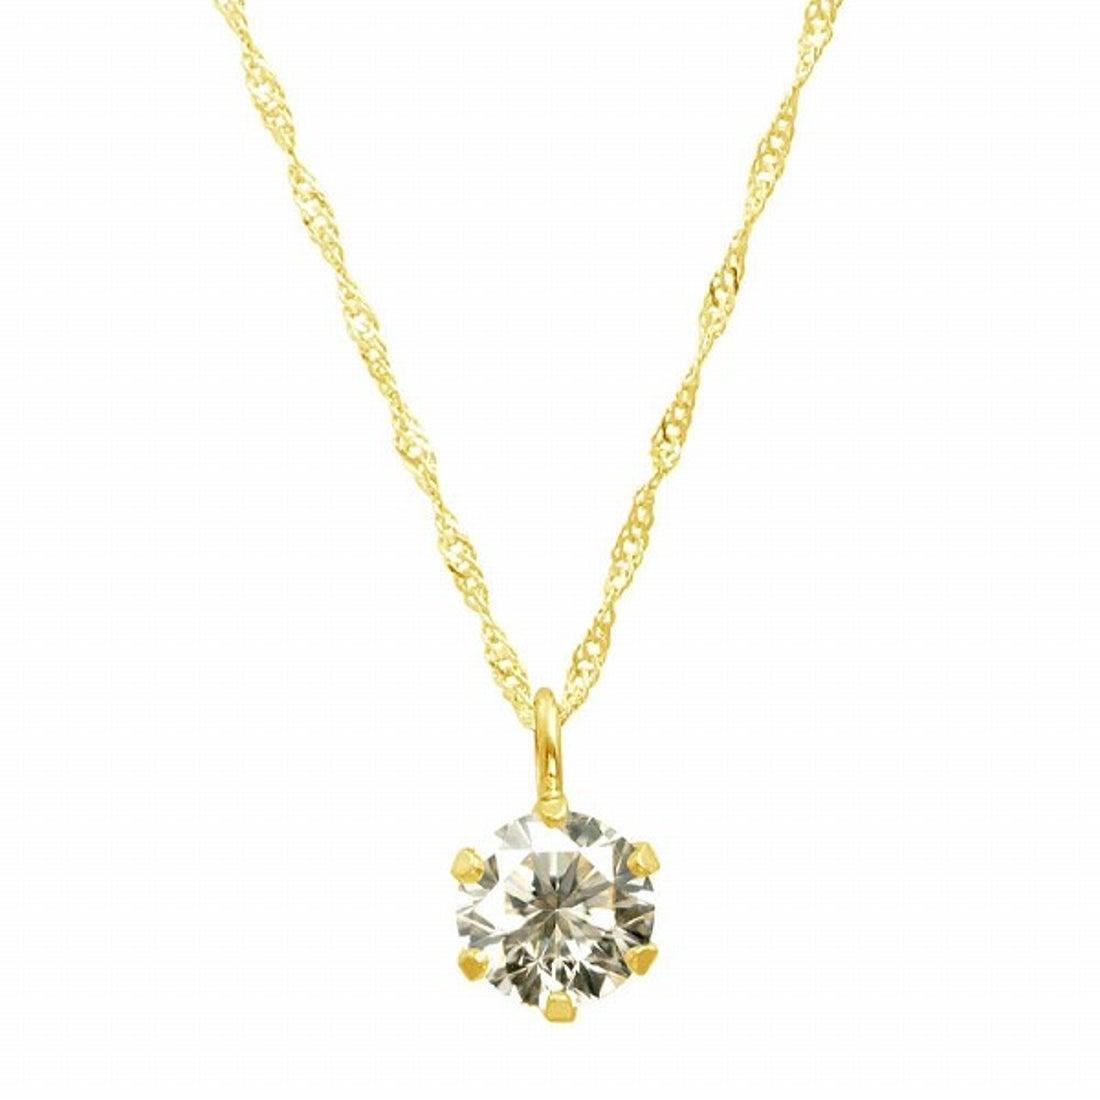 ジュエリーコレクション【ネット限定】K18ゴールド 天然ダイヤモンド 0.3ct SIクラス ネックレス 鑑定書付 【K18YG スクリュー42cm】 【返品不可商品】